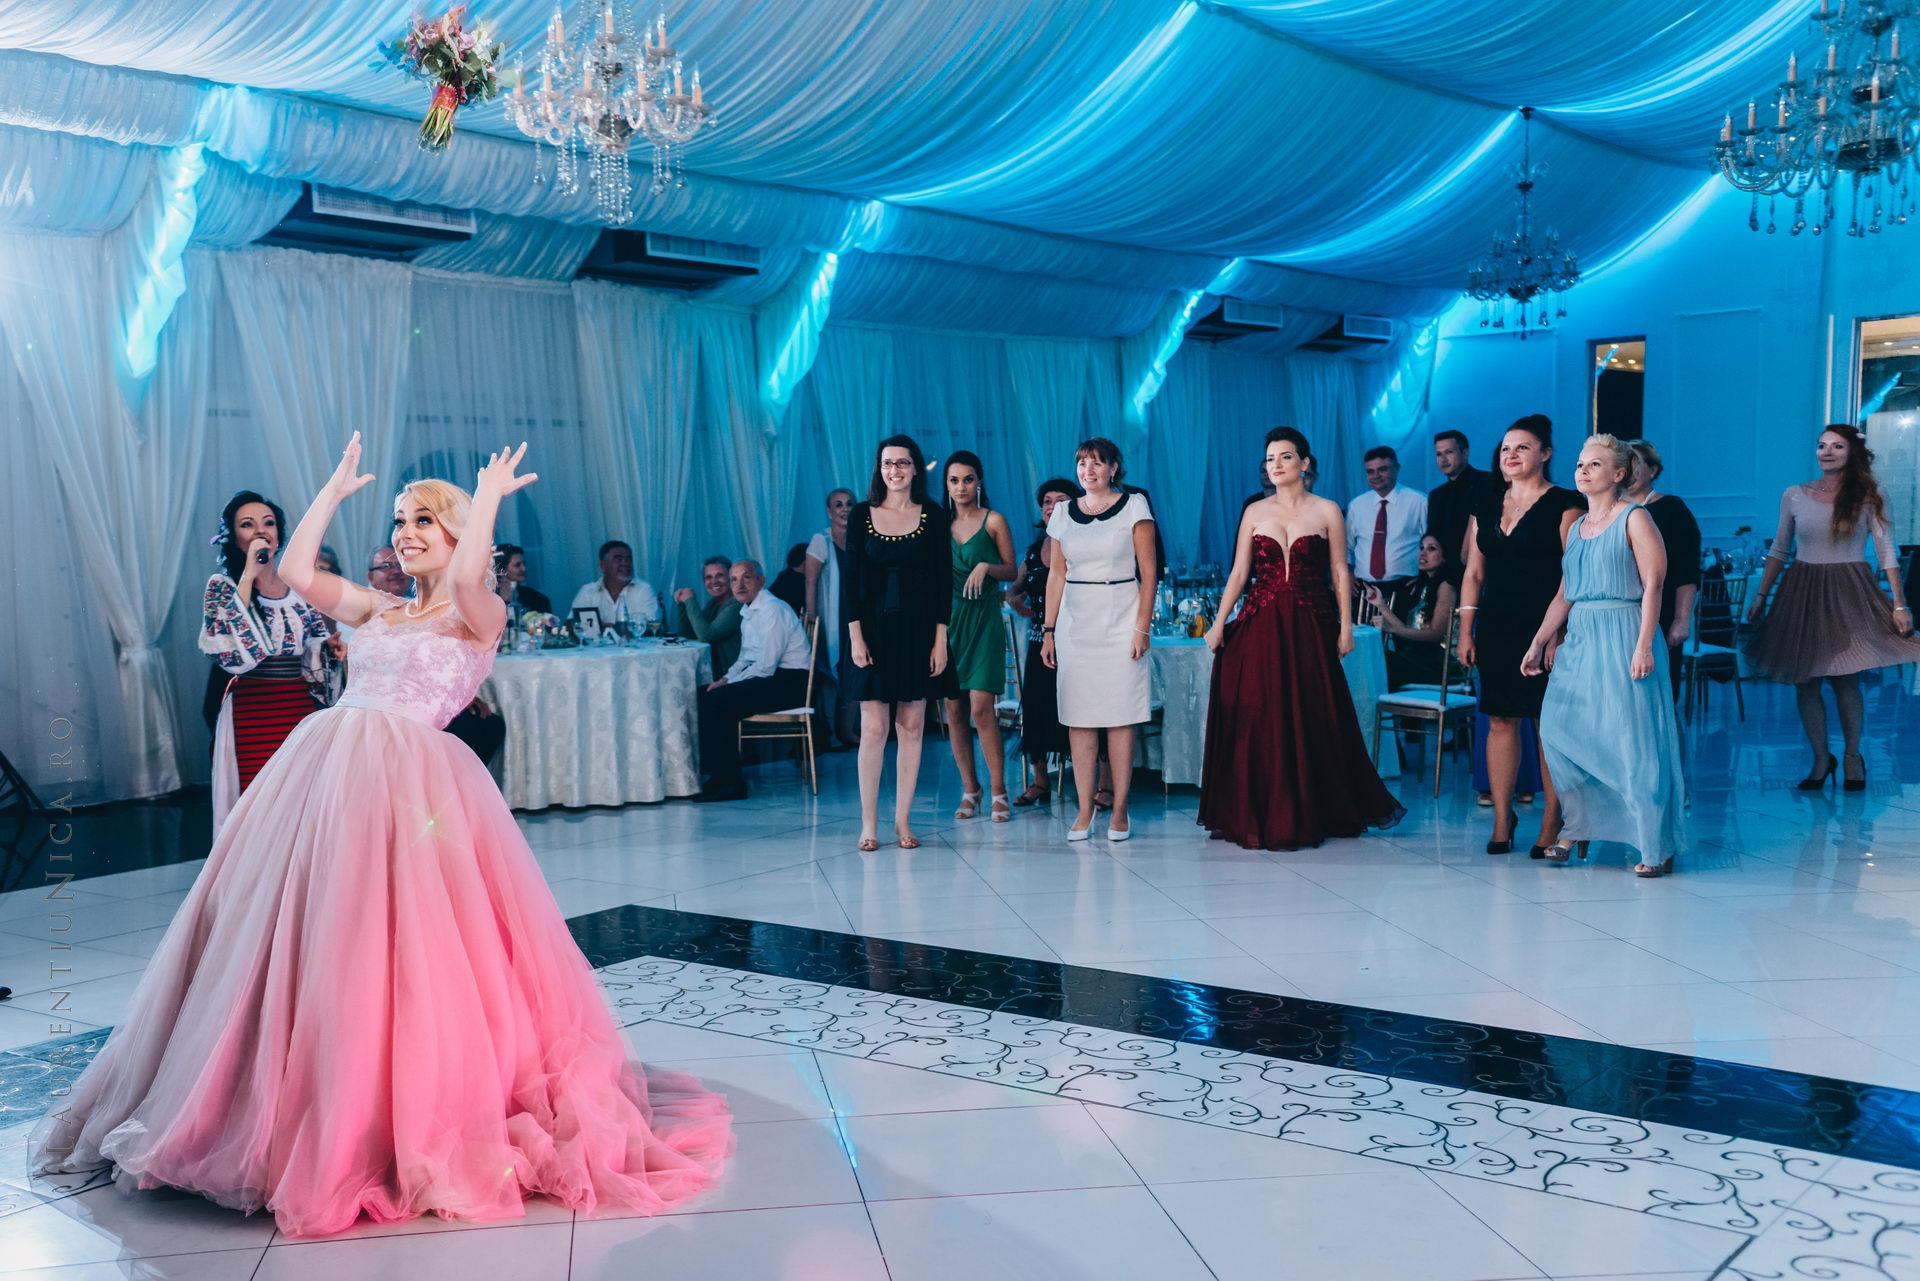 lavinia si adi fotograf laurentiu nica craiova 082 - Lavinia & Adi | Fotografii nunta